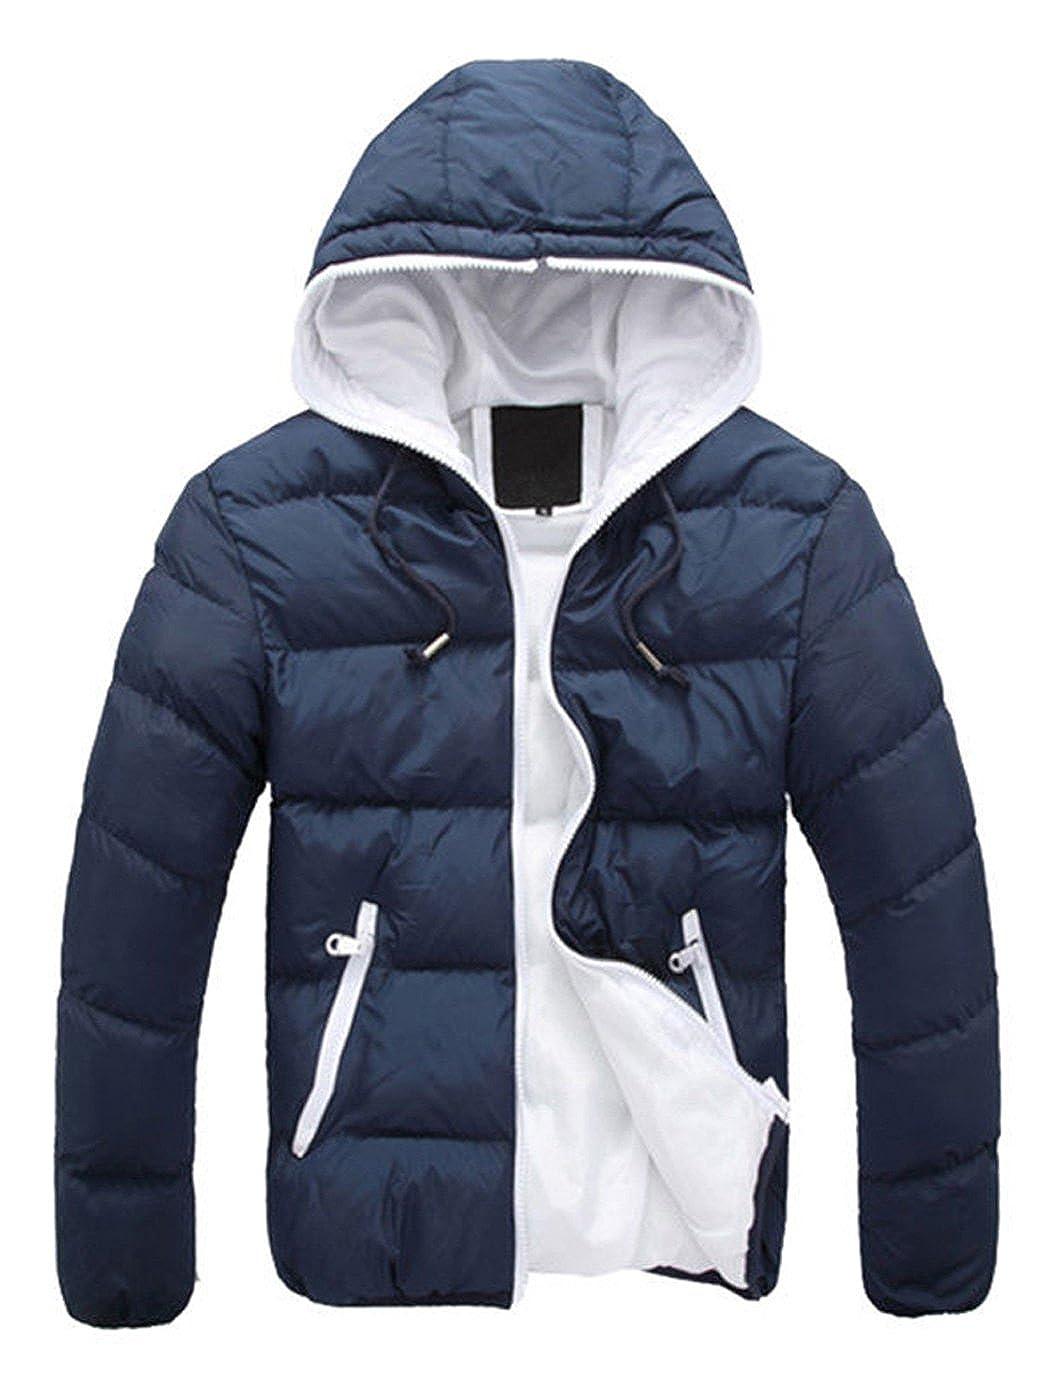 AK Men Women Winter Casual Hooded Light Padded Jacket Zipper Slim Outwear Coat Anna-Kaci ZJ0640PFBA